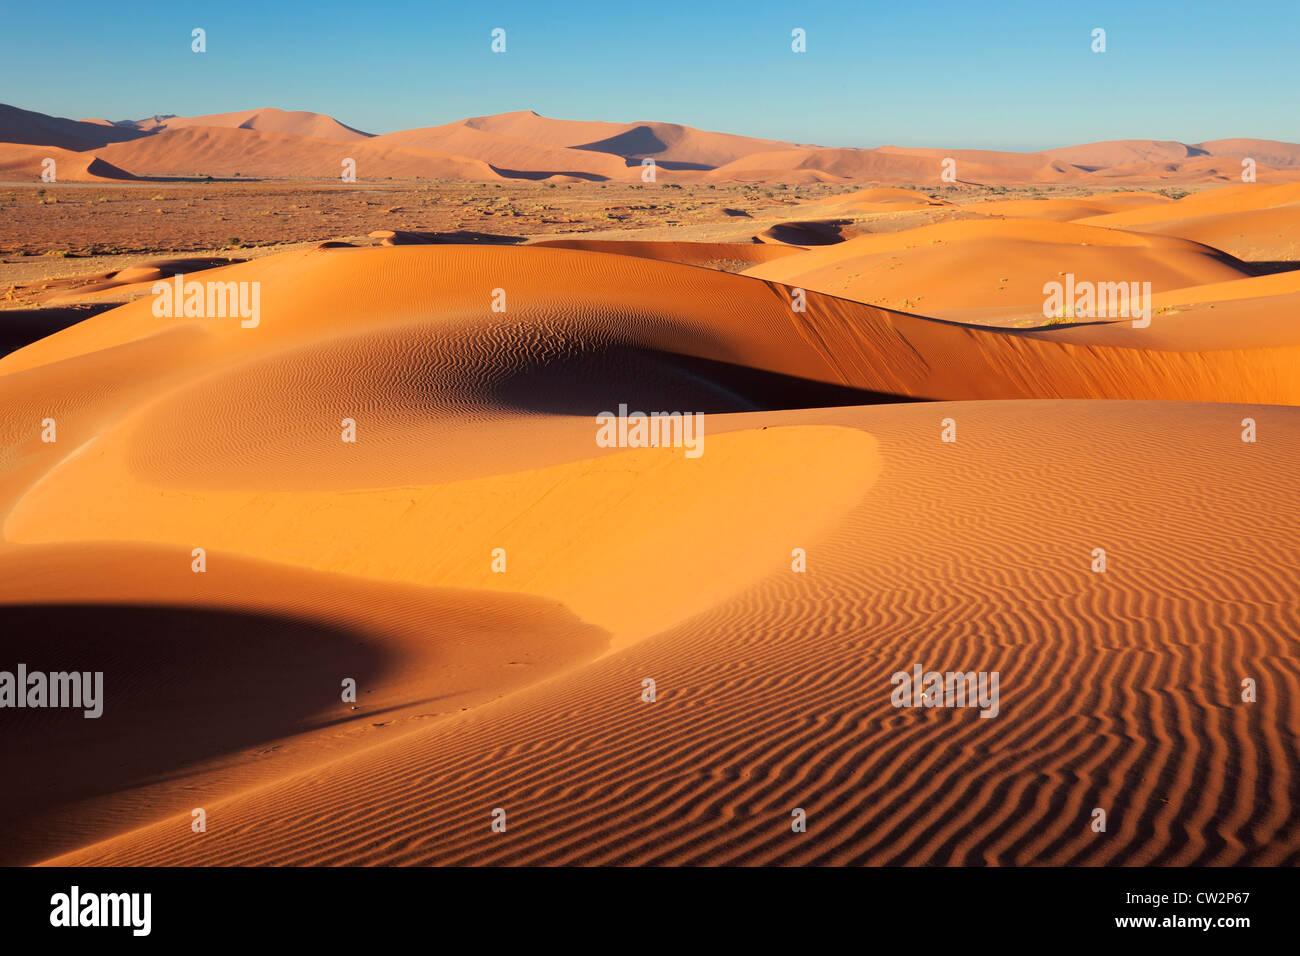 Intricate dune pattern lit up by morning sun. Sossusvlei in the Namib desert. Namib-Naukluft N.P, Namibia - Stock Image